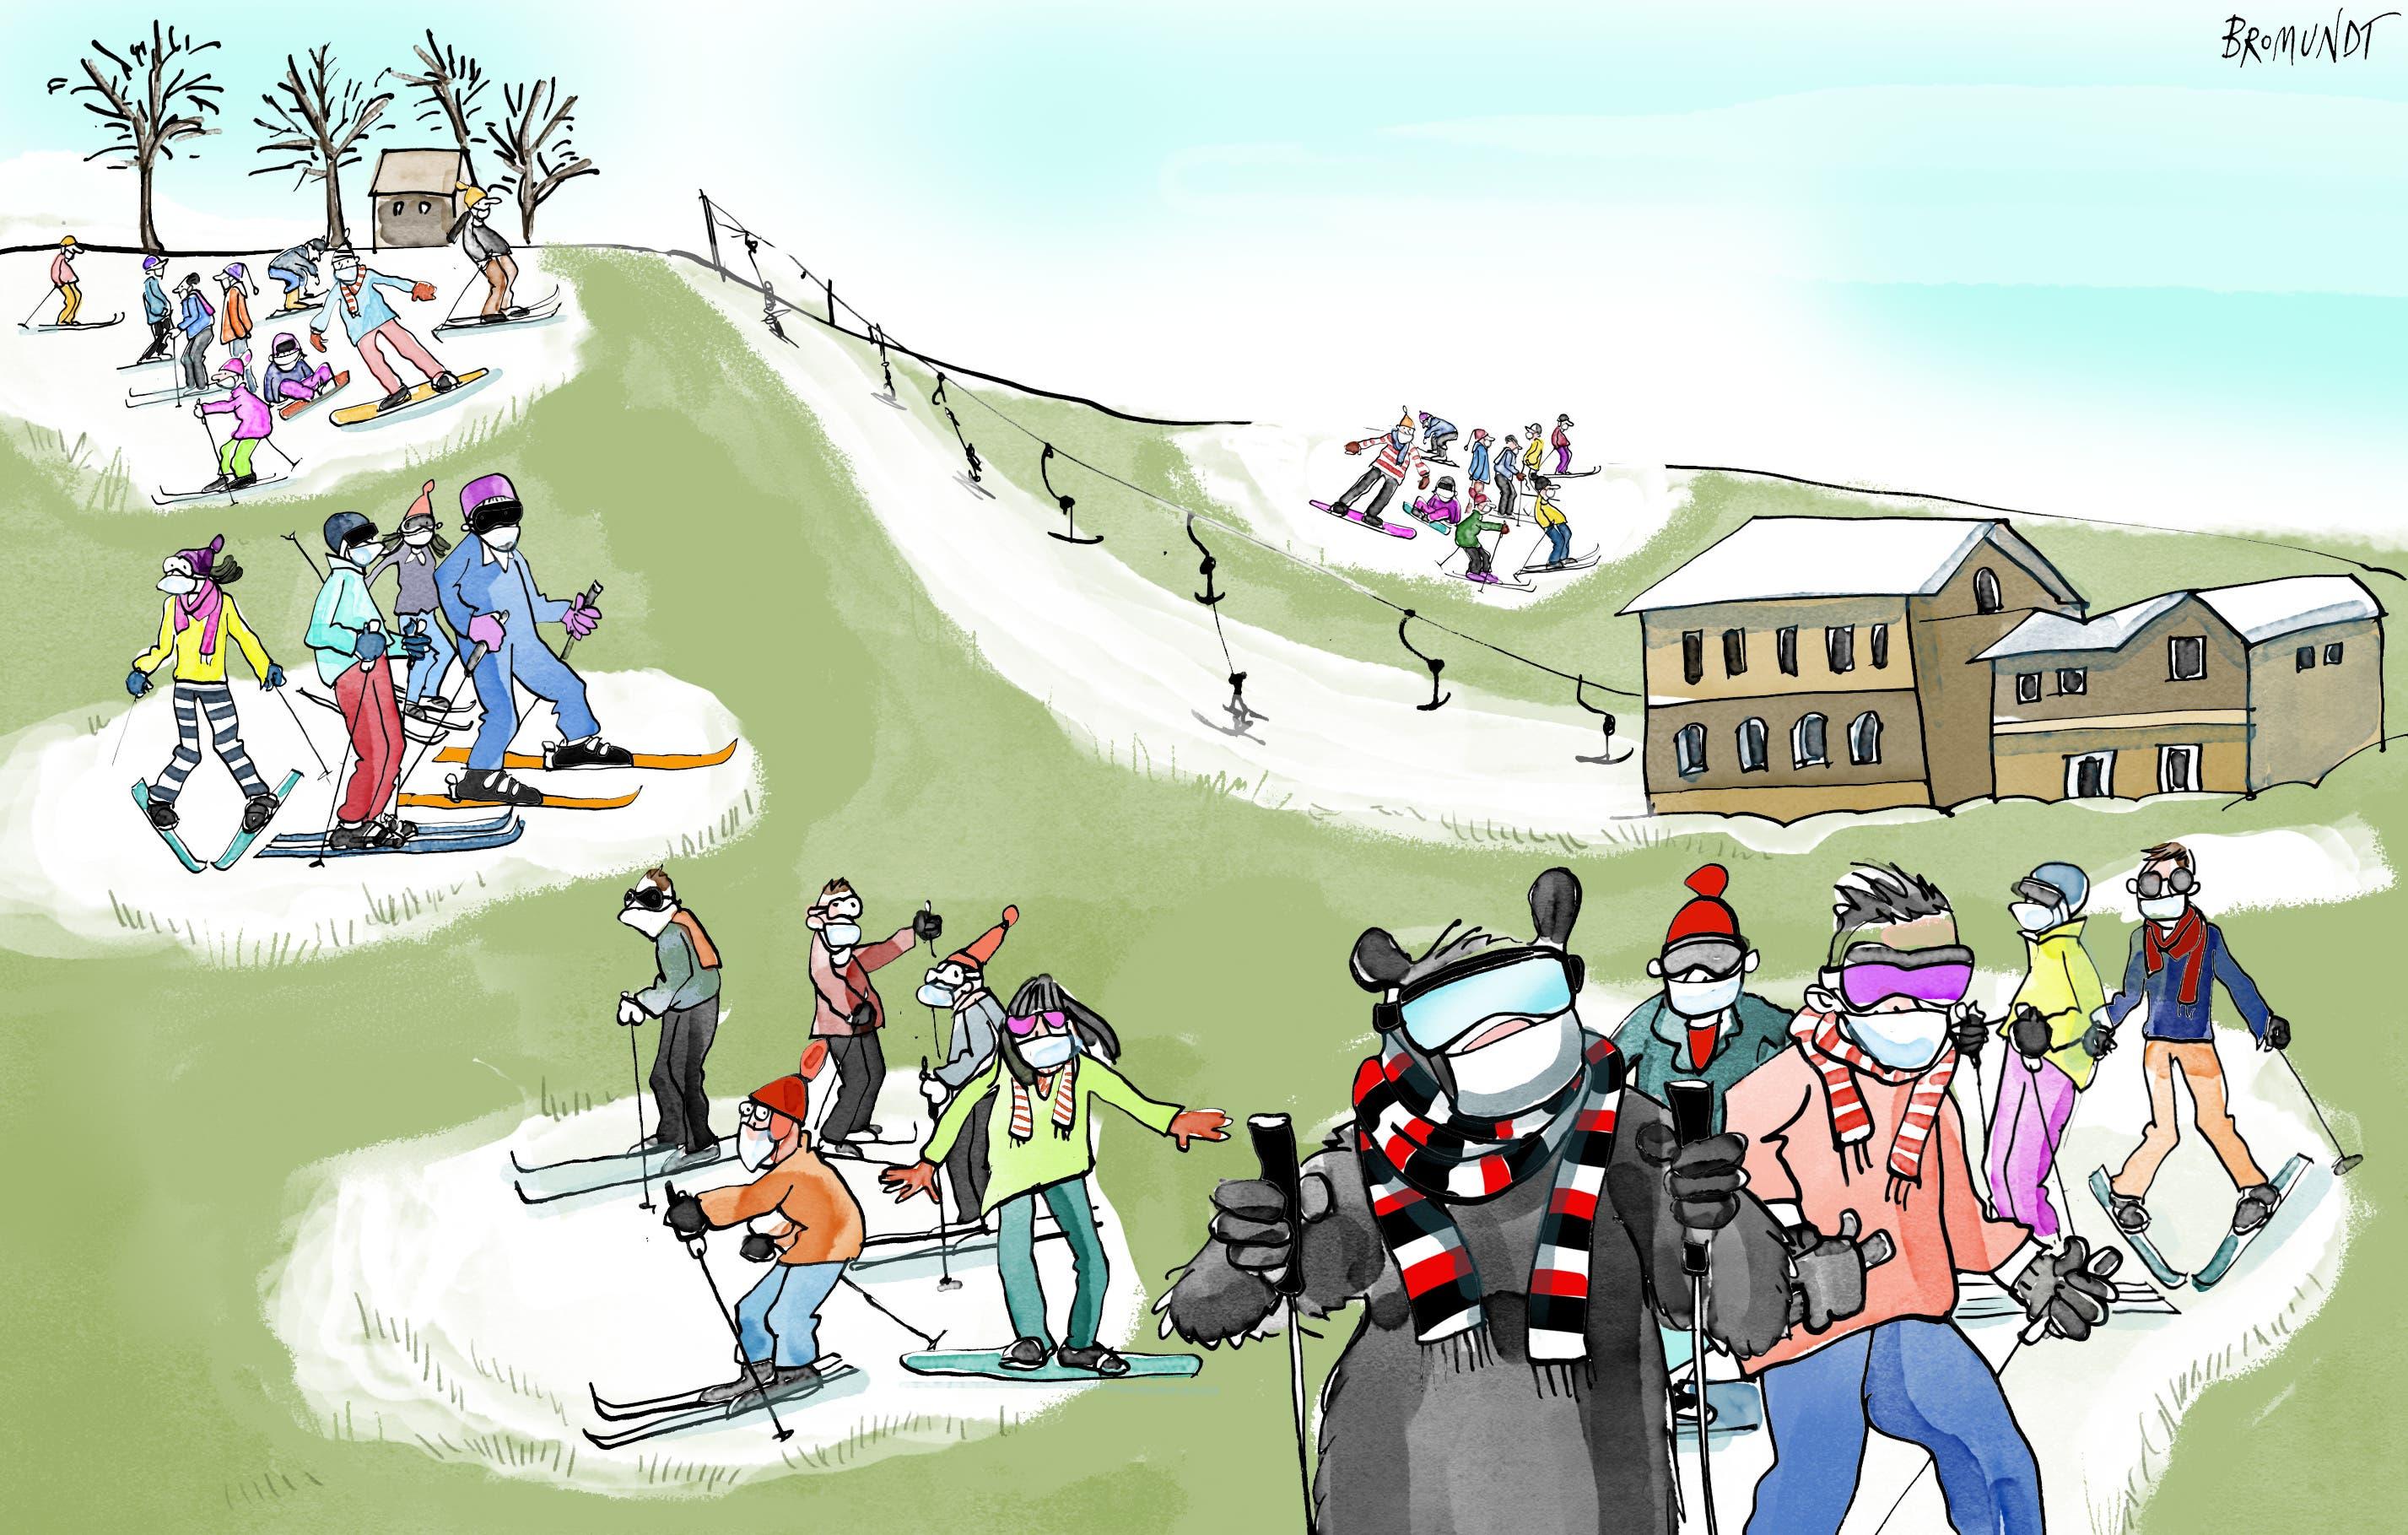 Schutzkonzept.  Die Skilifte in Stadt und Umgebung hoffen im Coronajahr auf daheimgebliebene Wintersportler, müssen sich aber mit Schutzkonzepten und Auflagen des Bundes herumschlagen. Beim Anstehen sind Abstand und Maske Pflicht. Folgt der Winter dem Trend der letzten Jahre, wird es aber eher auf der Piste eng statt am Lift. (Illustration: Corinne Bromundt - 5. Dezember 2020)